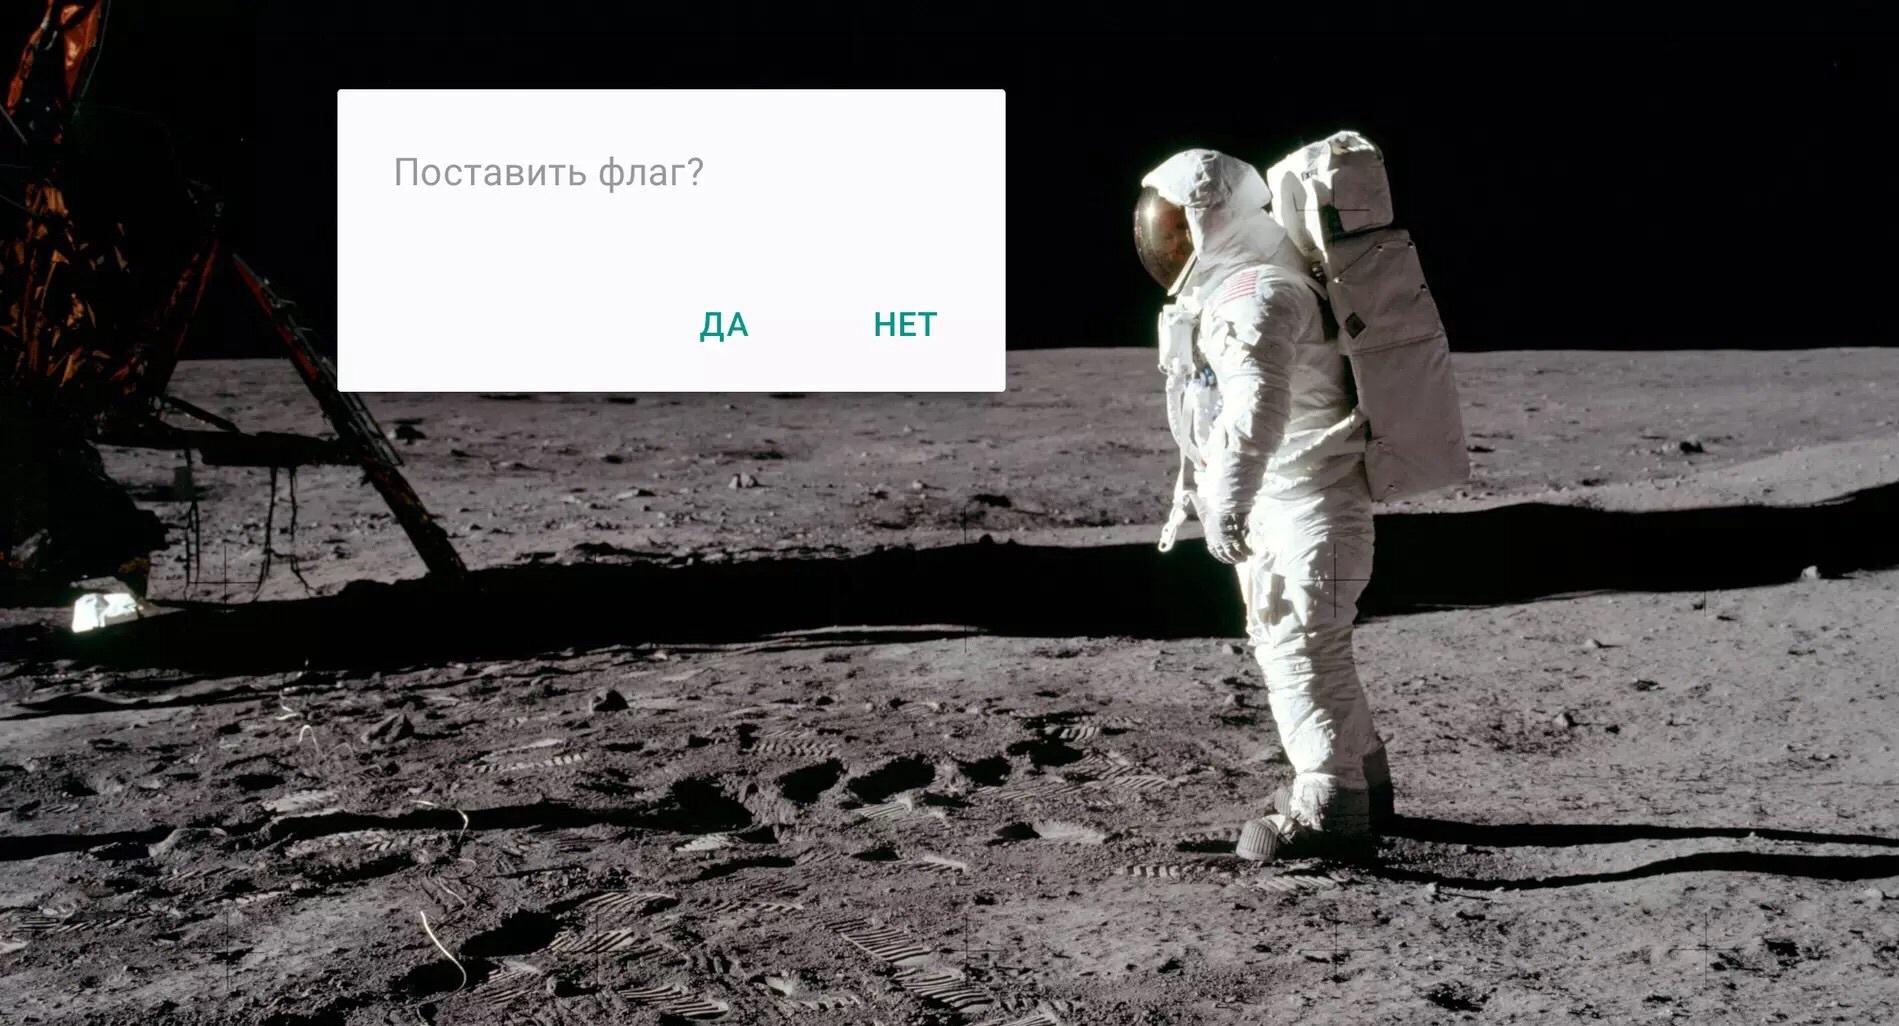 Material Design: на Луну и обратно